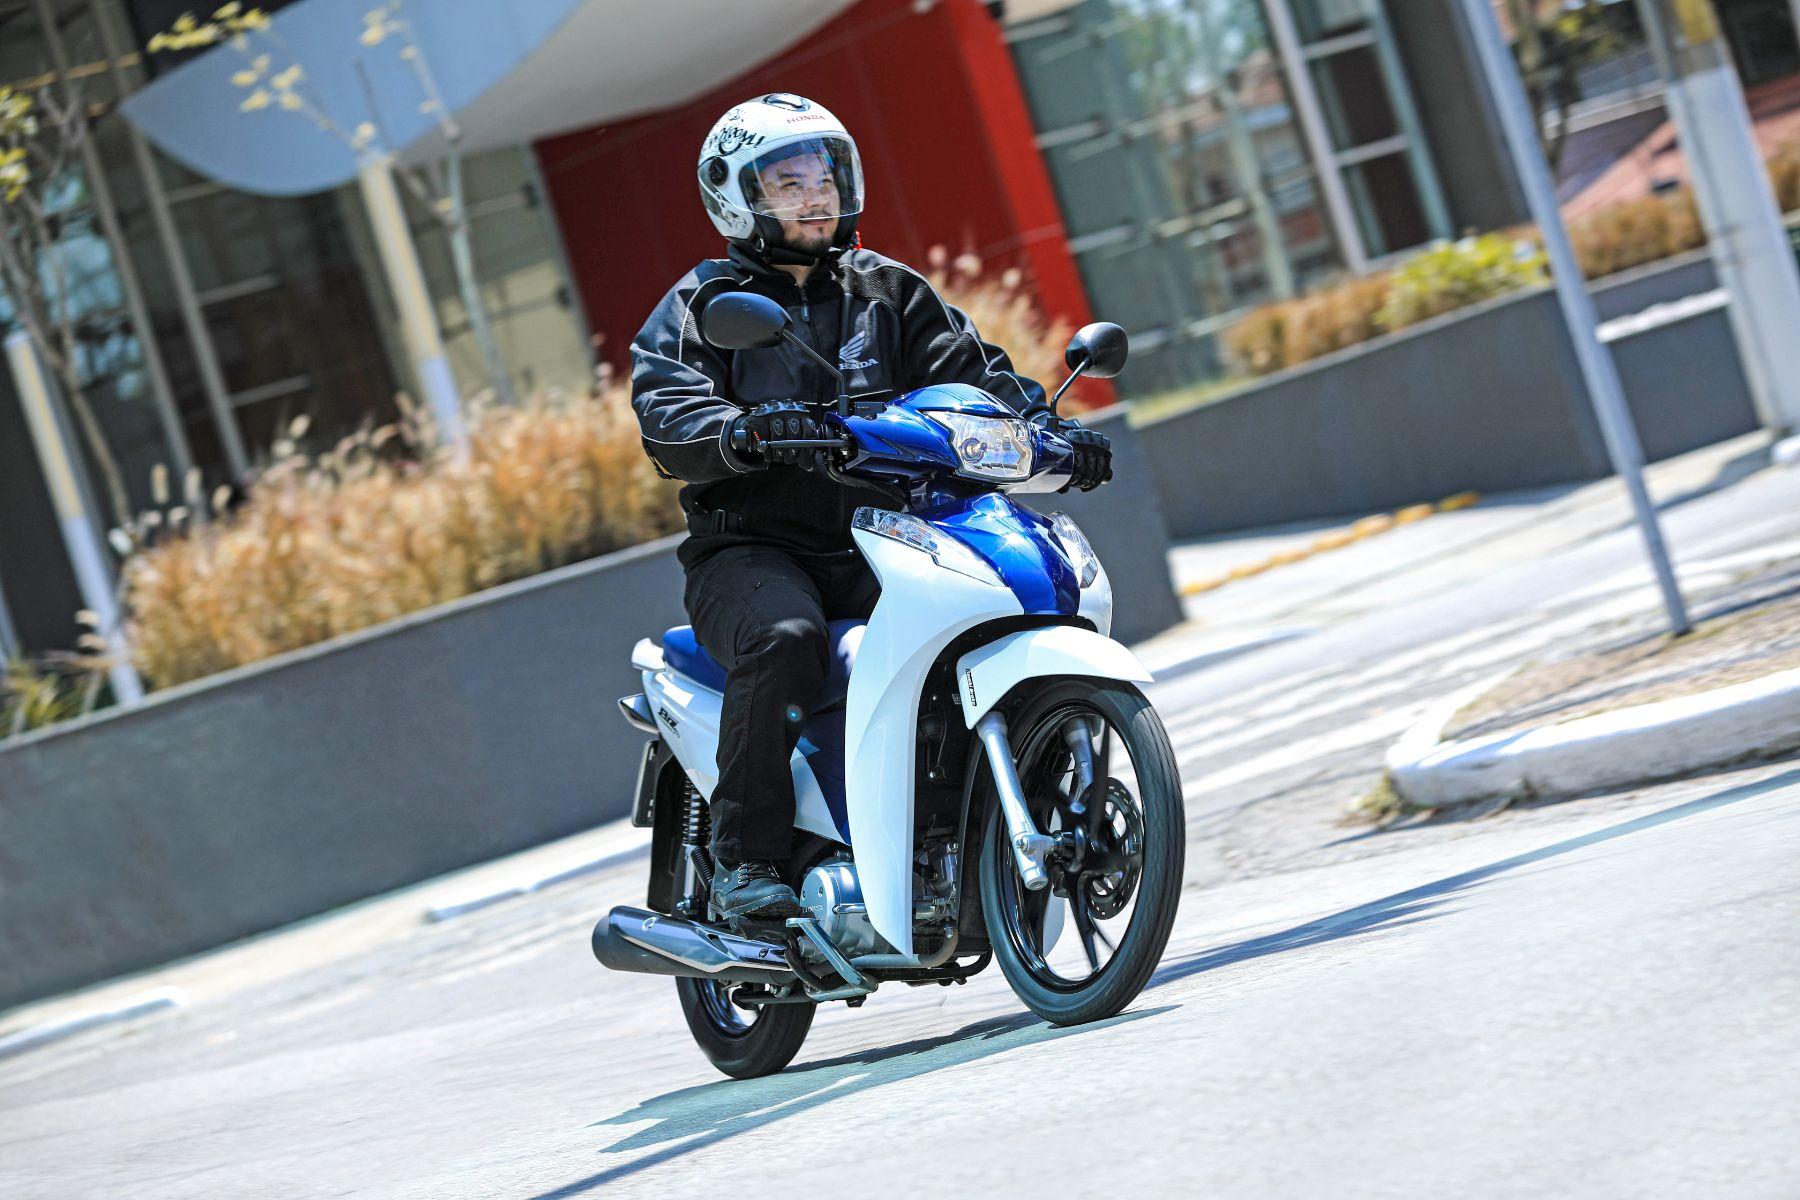 honda biz 125 bicolor azul e branca frente em movimento